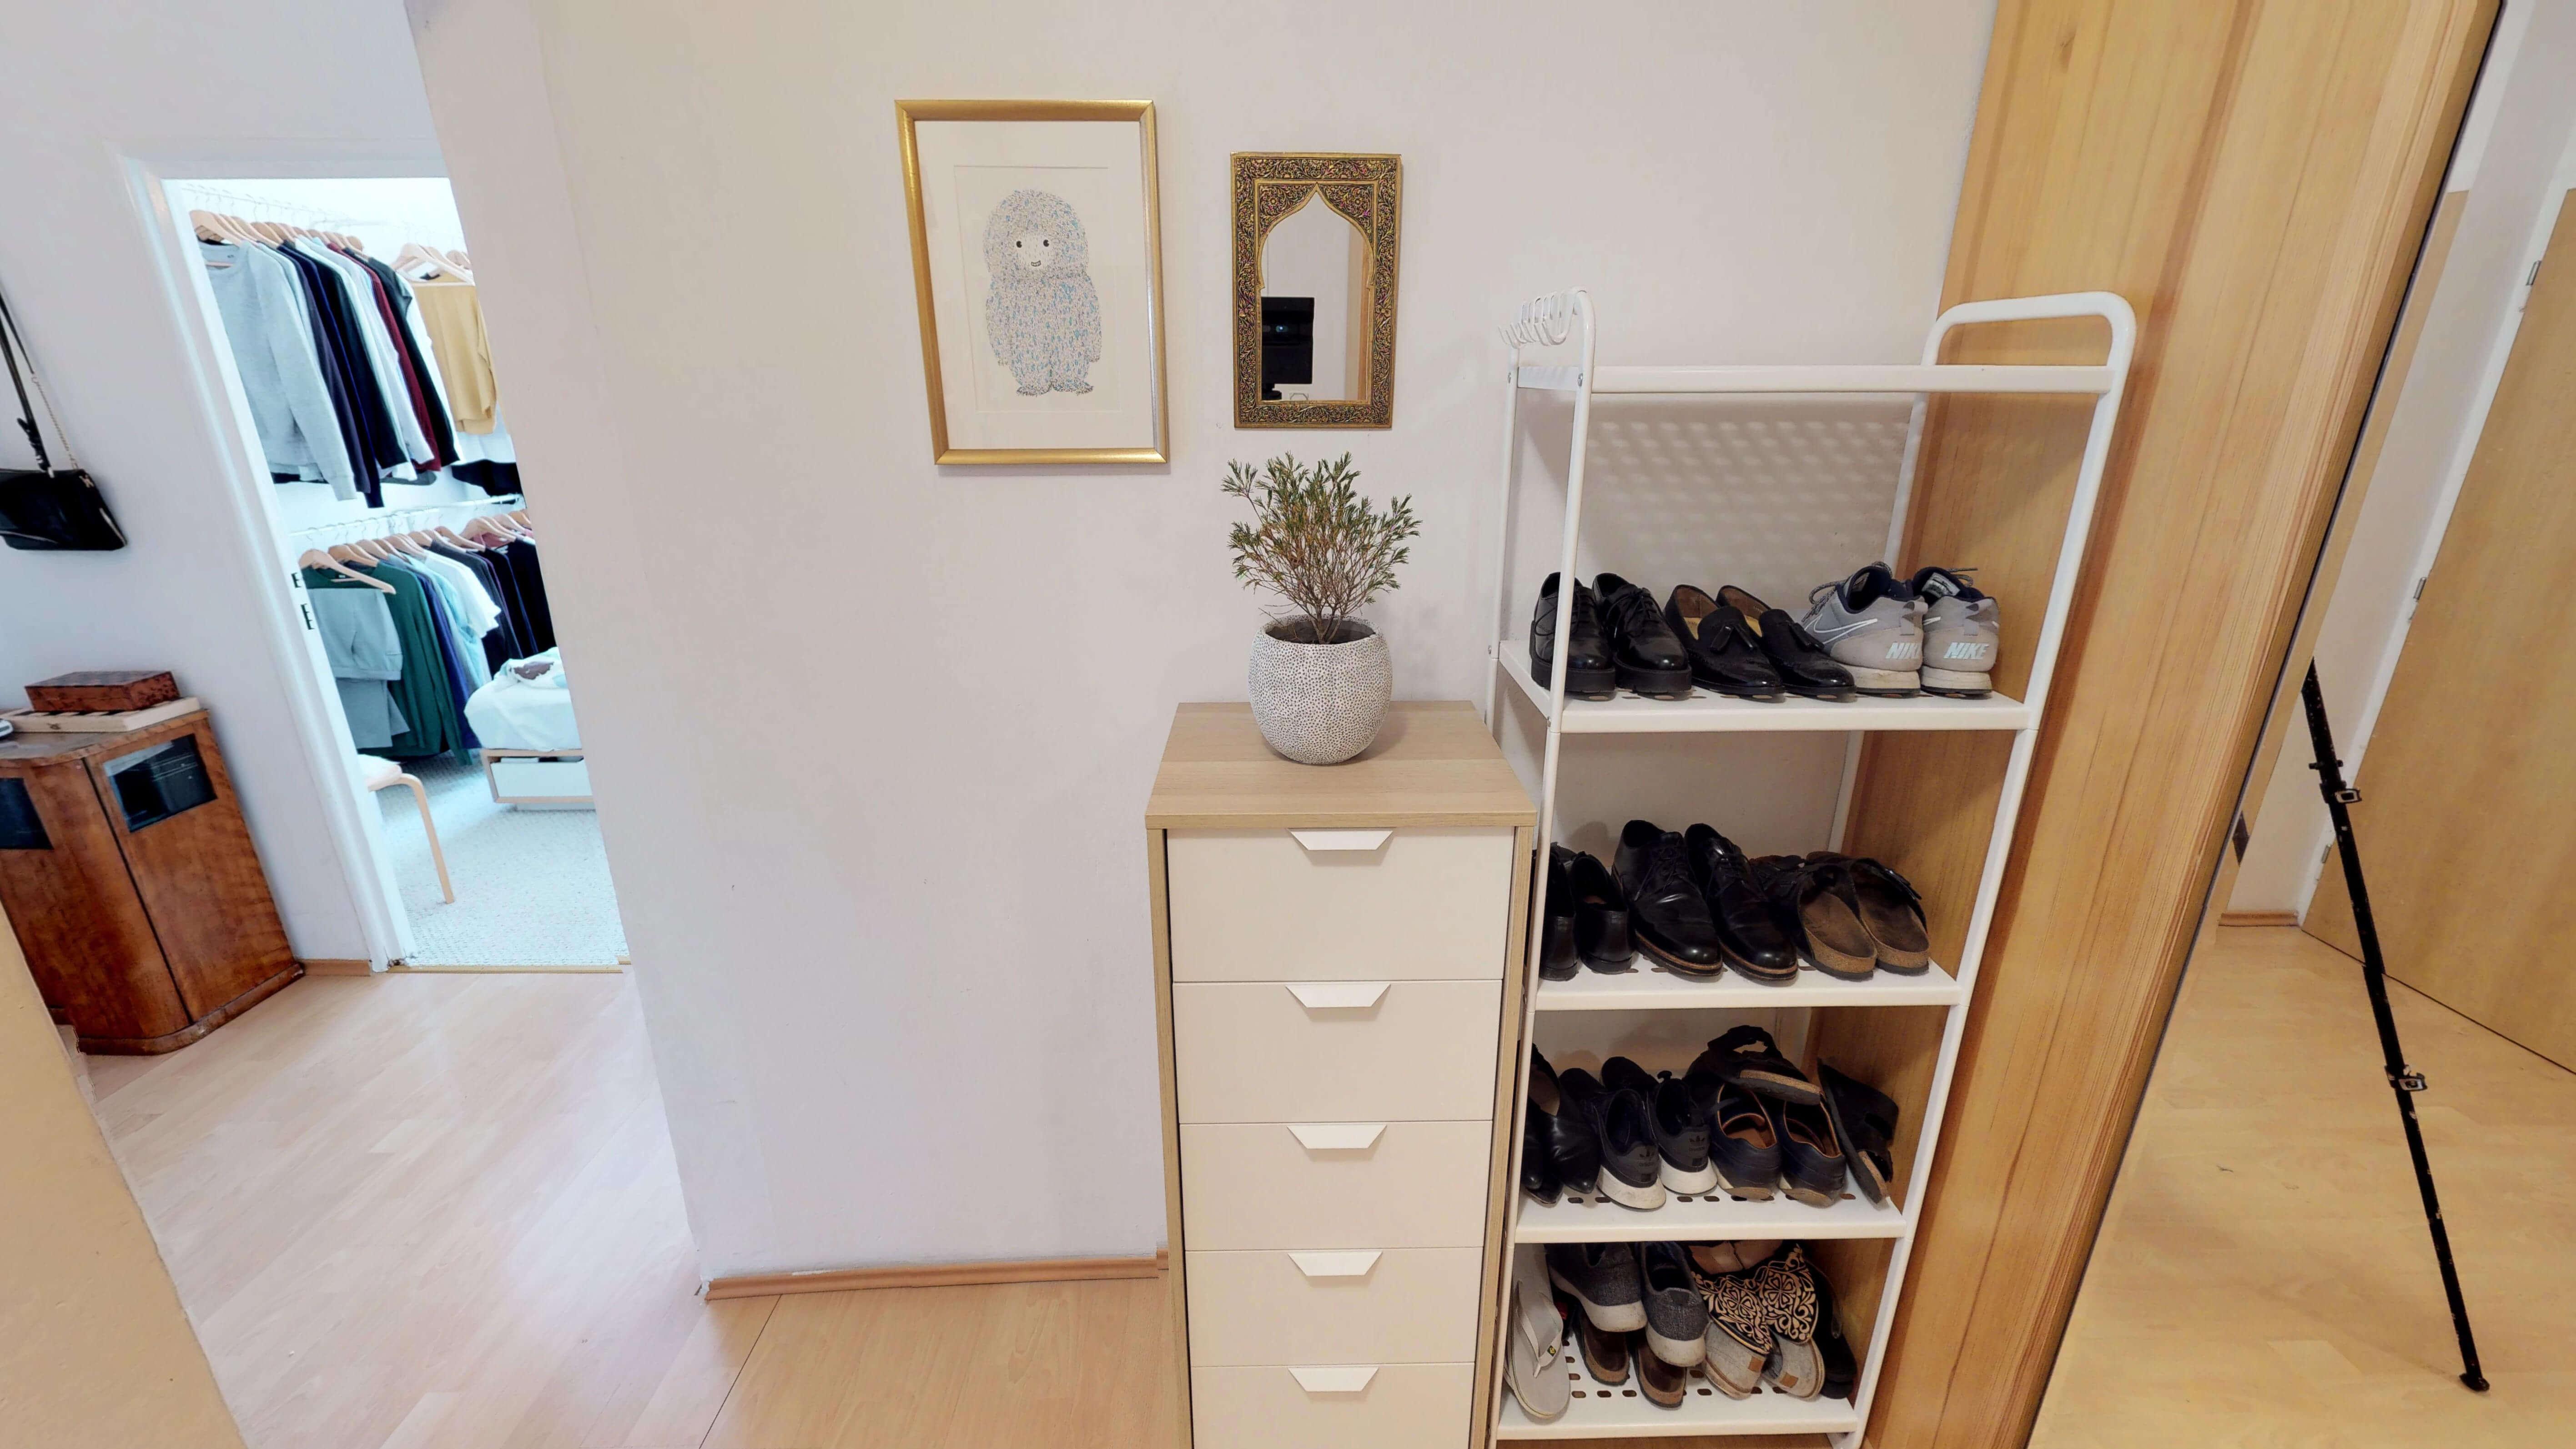 Predané Predaj exkluzívneho 3 izb. bytu,v Ružinove, ulica Palkovičová, blízko Trhoviska Miletičky v Bratislave, 68m2, kompletne zariadený-37